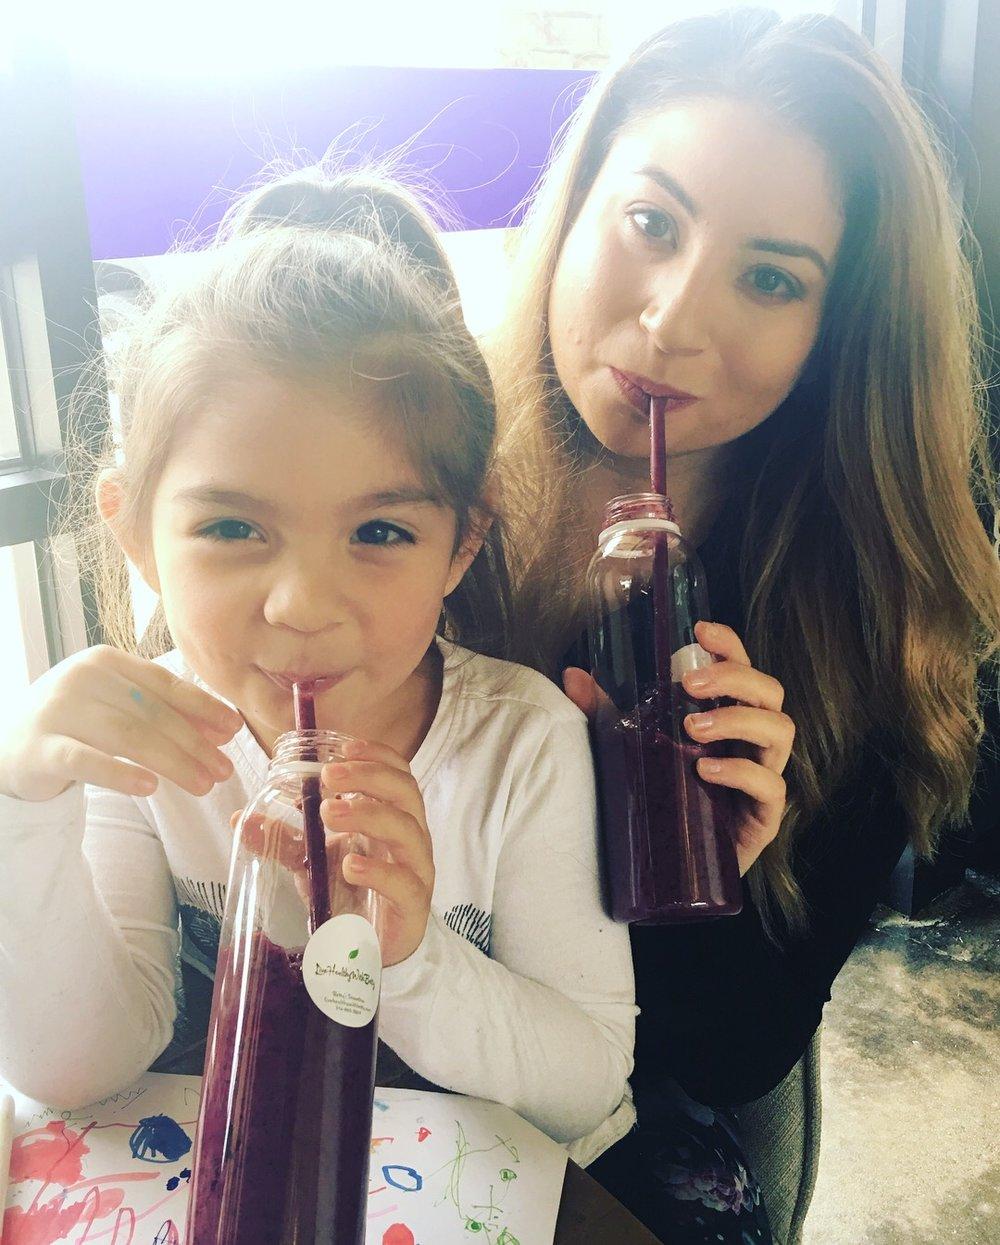 Elle and Adalia